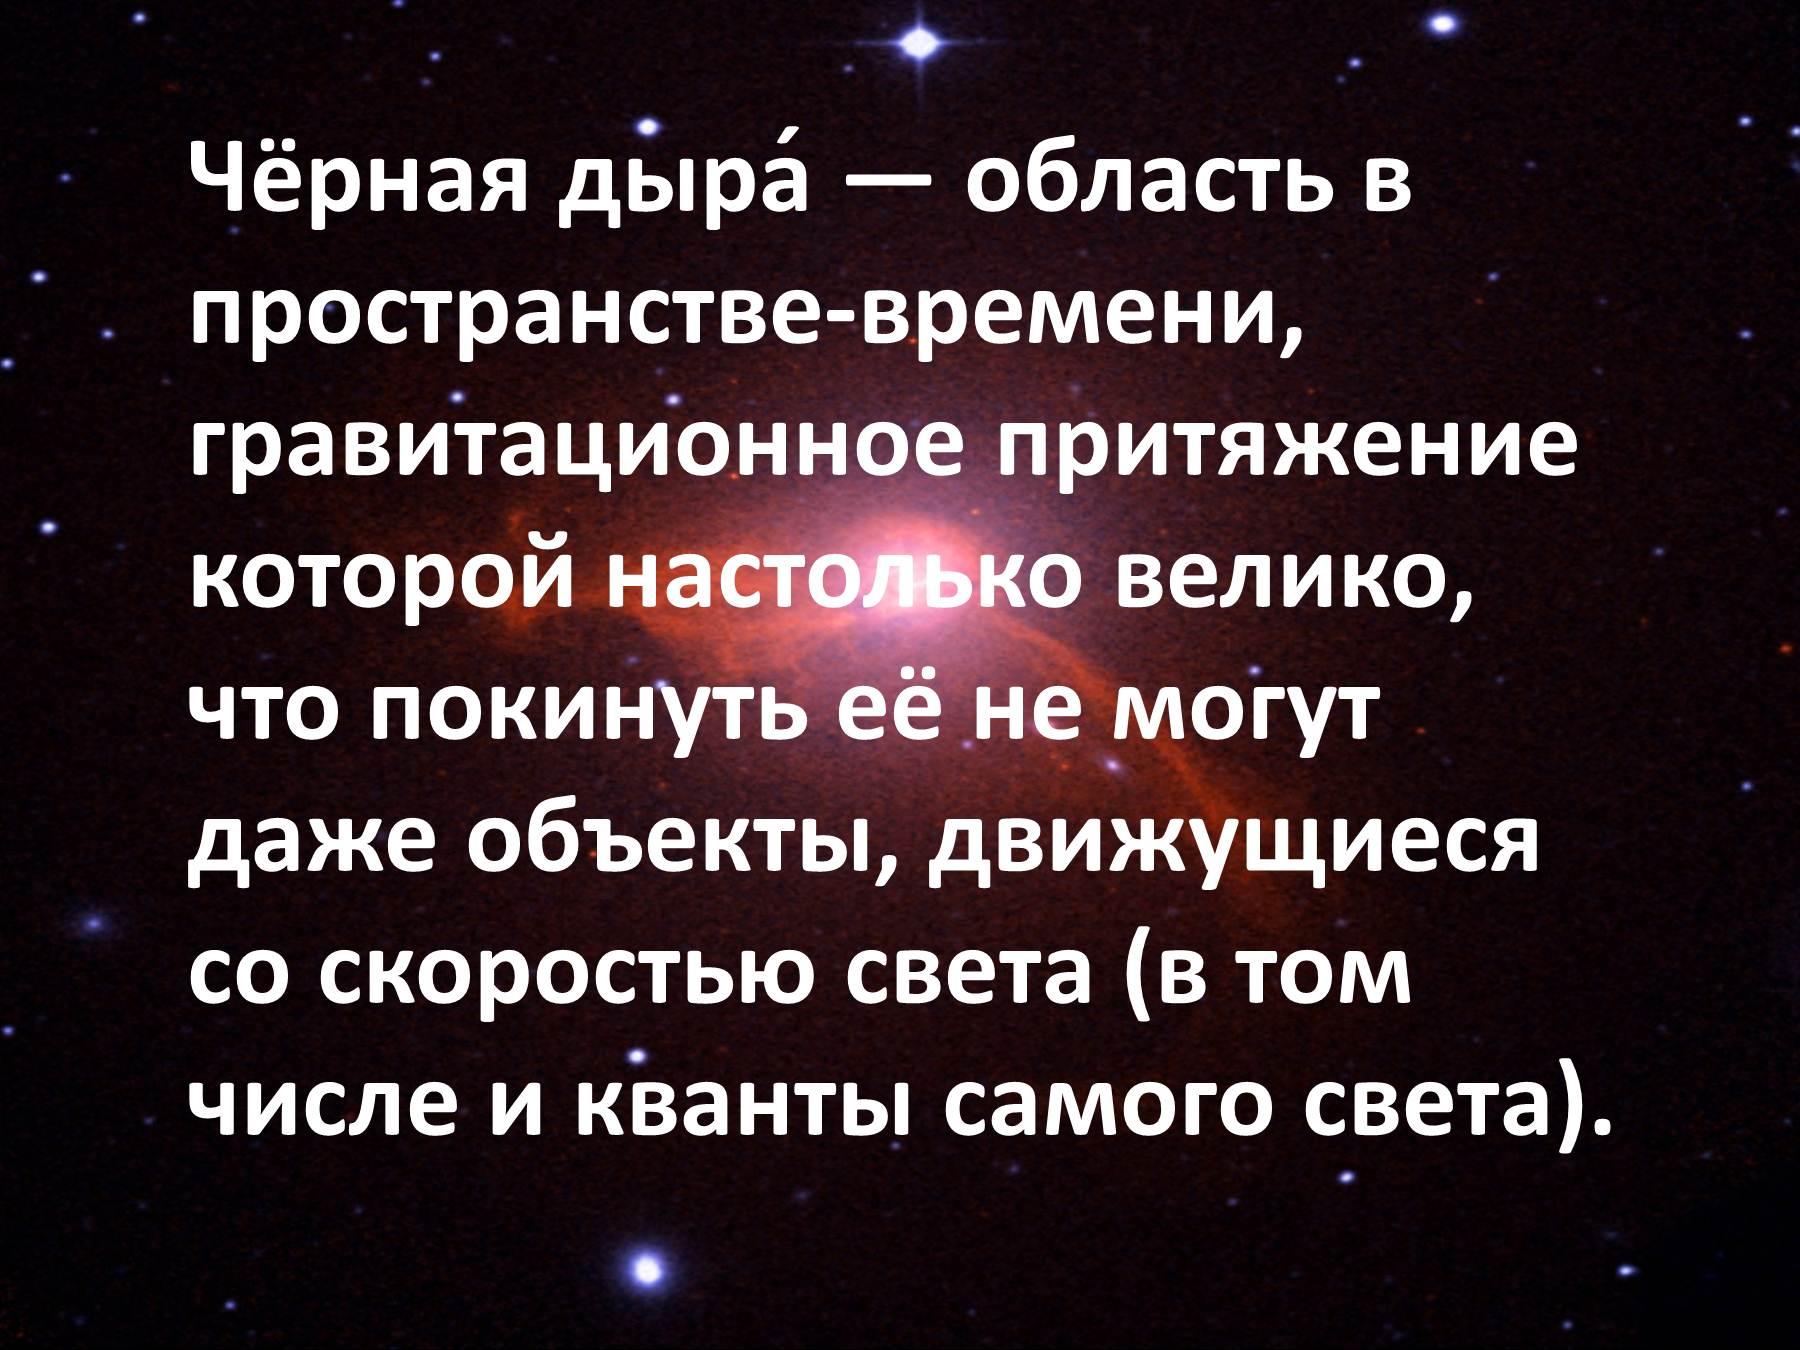 презентация в слайдах по астрономии